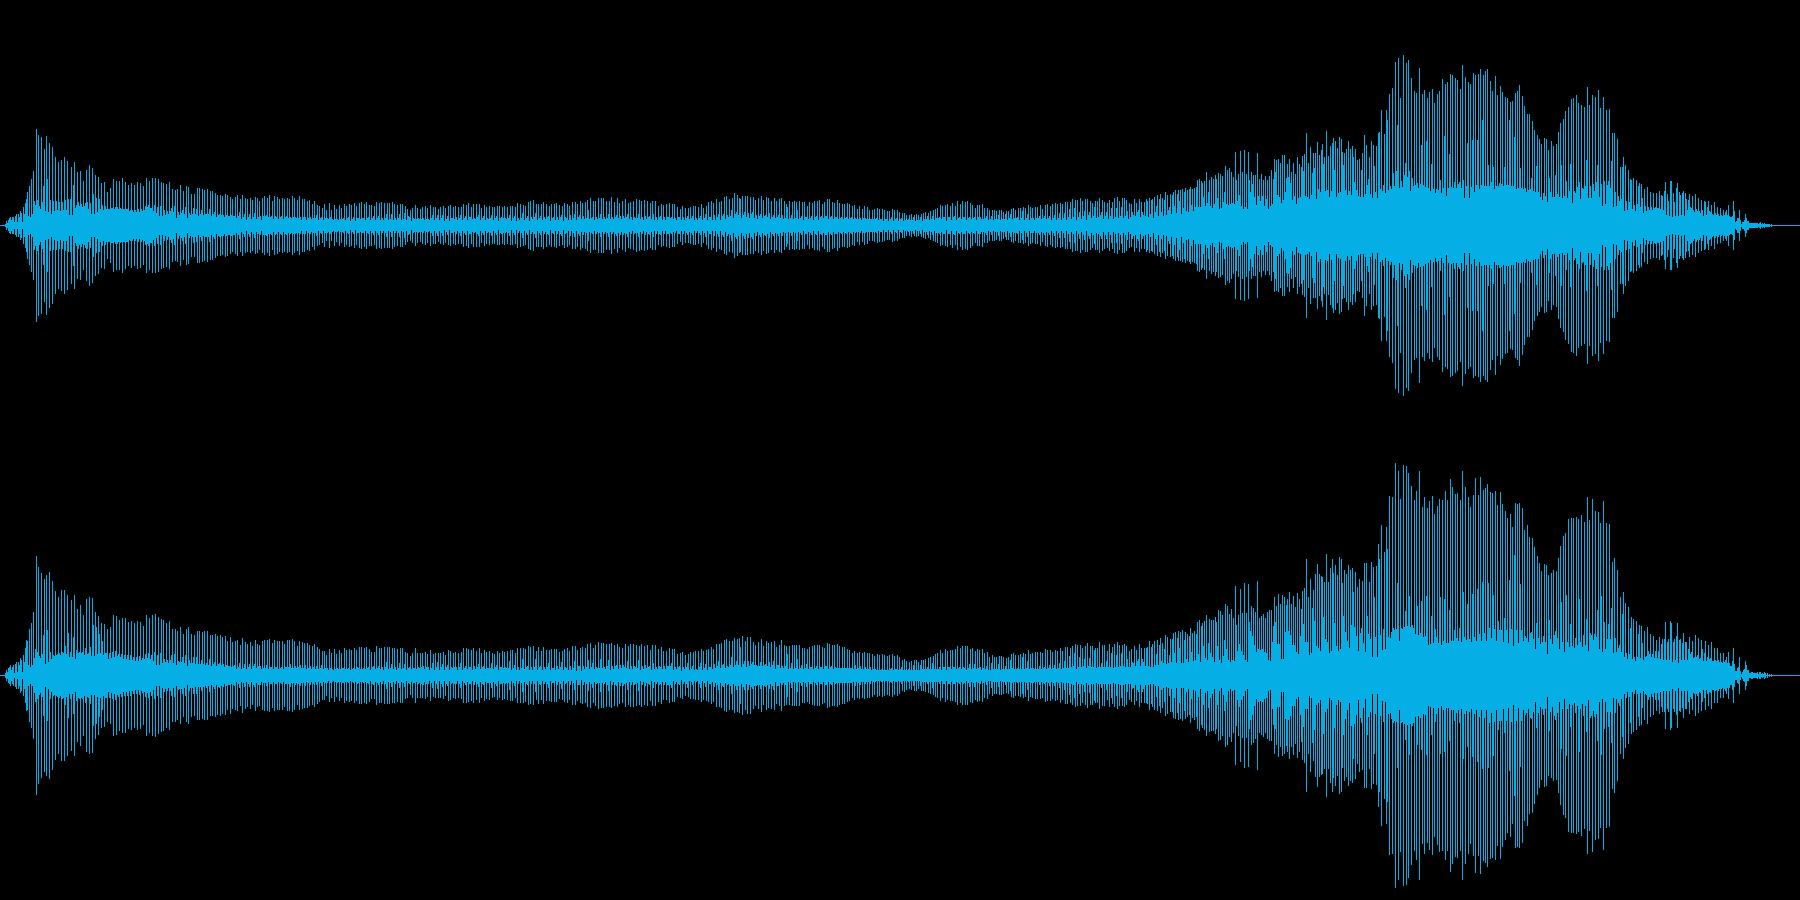 長めでダイナミクスのある屁の再生済みの波形